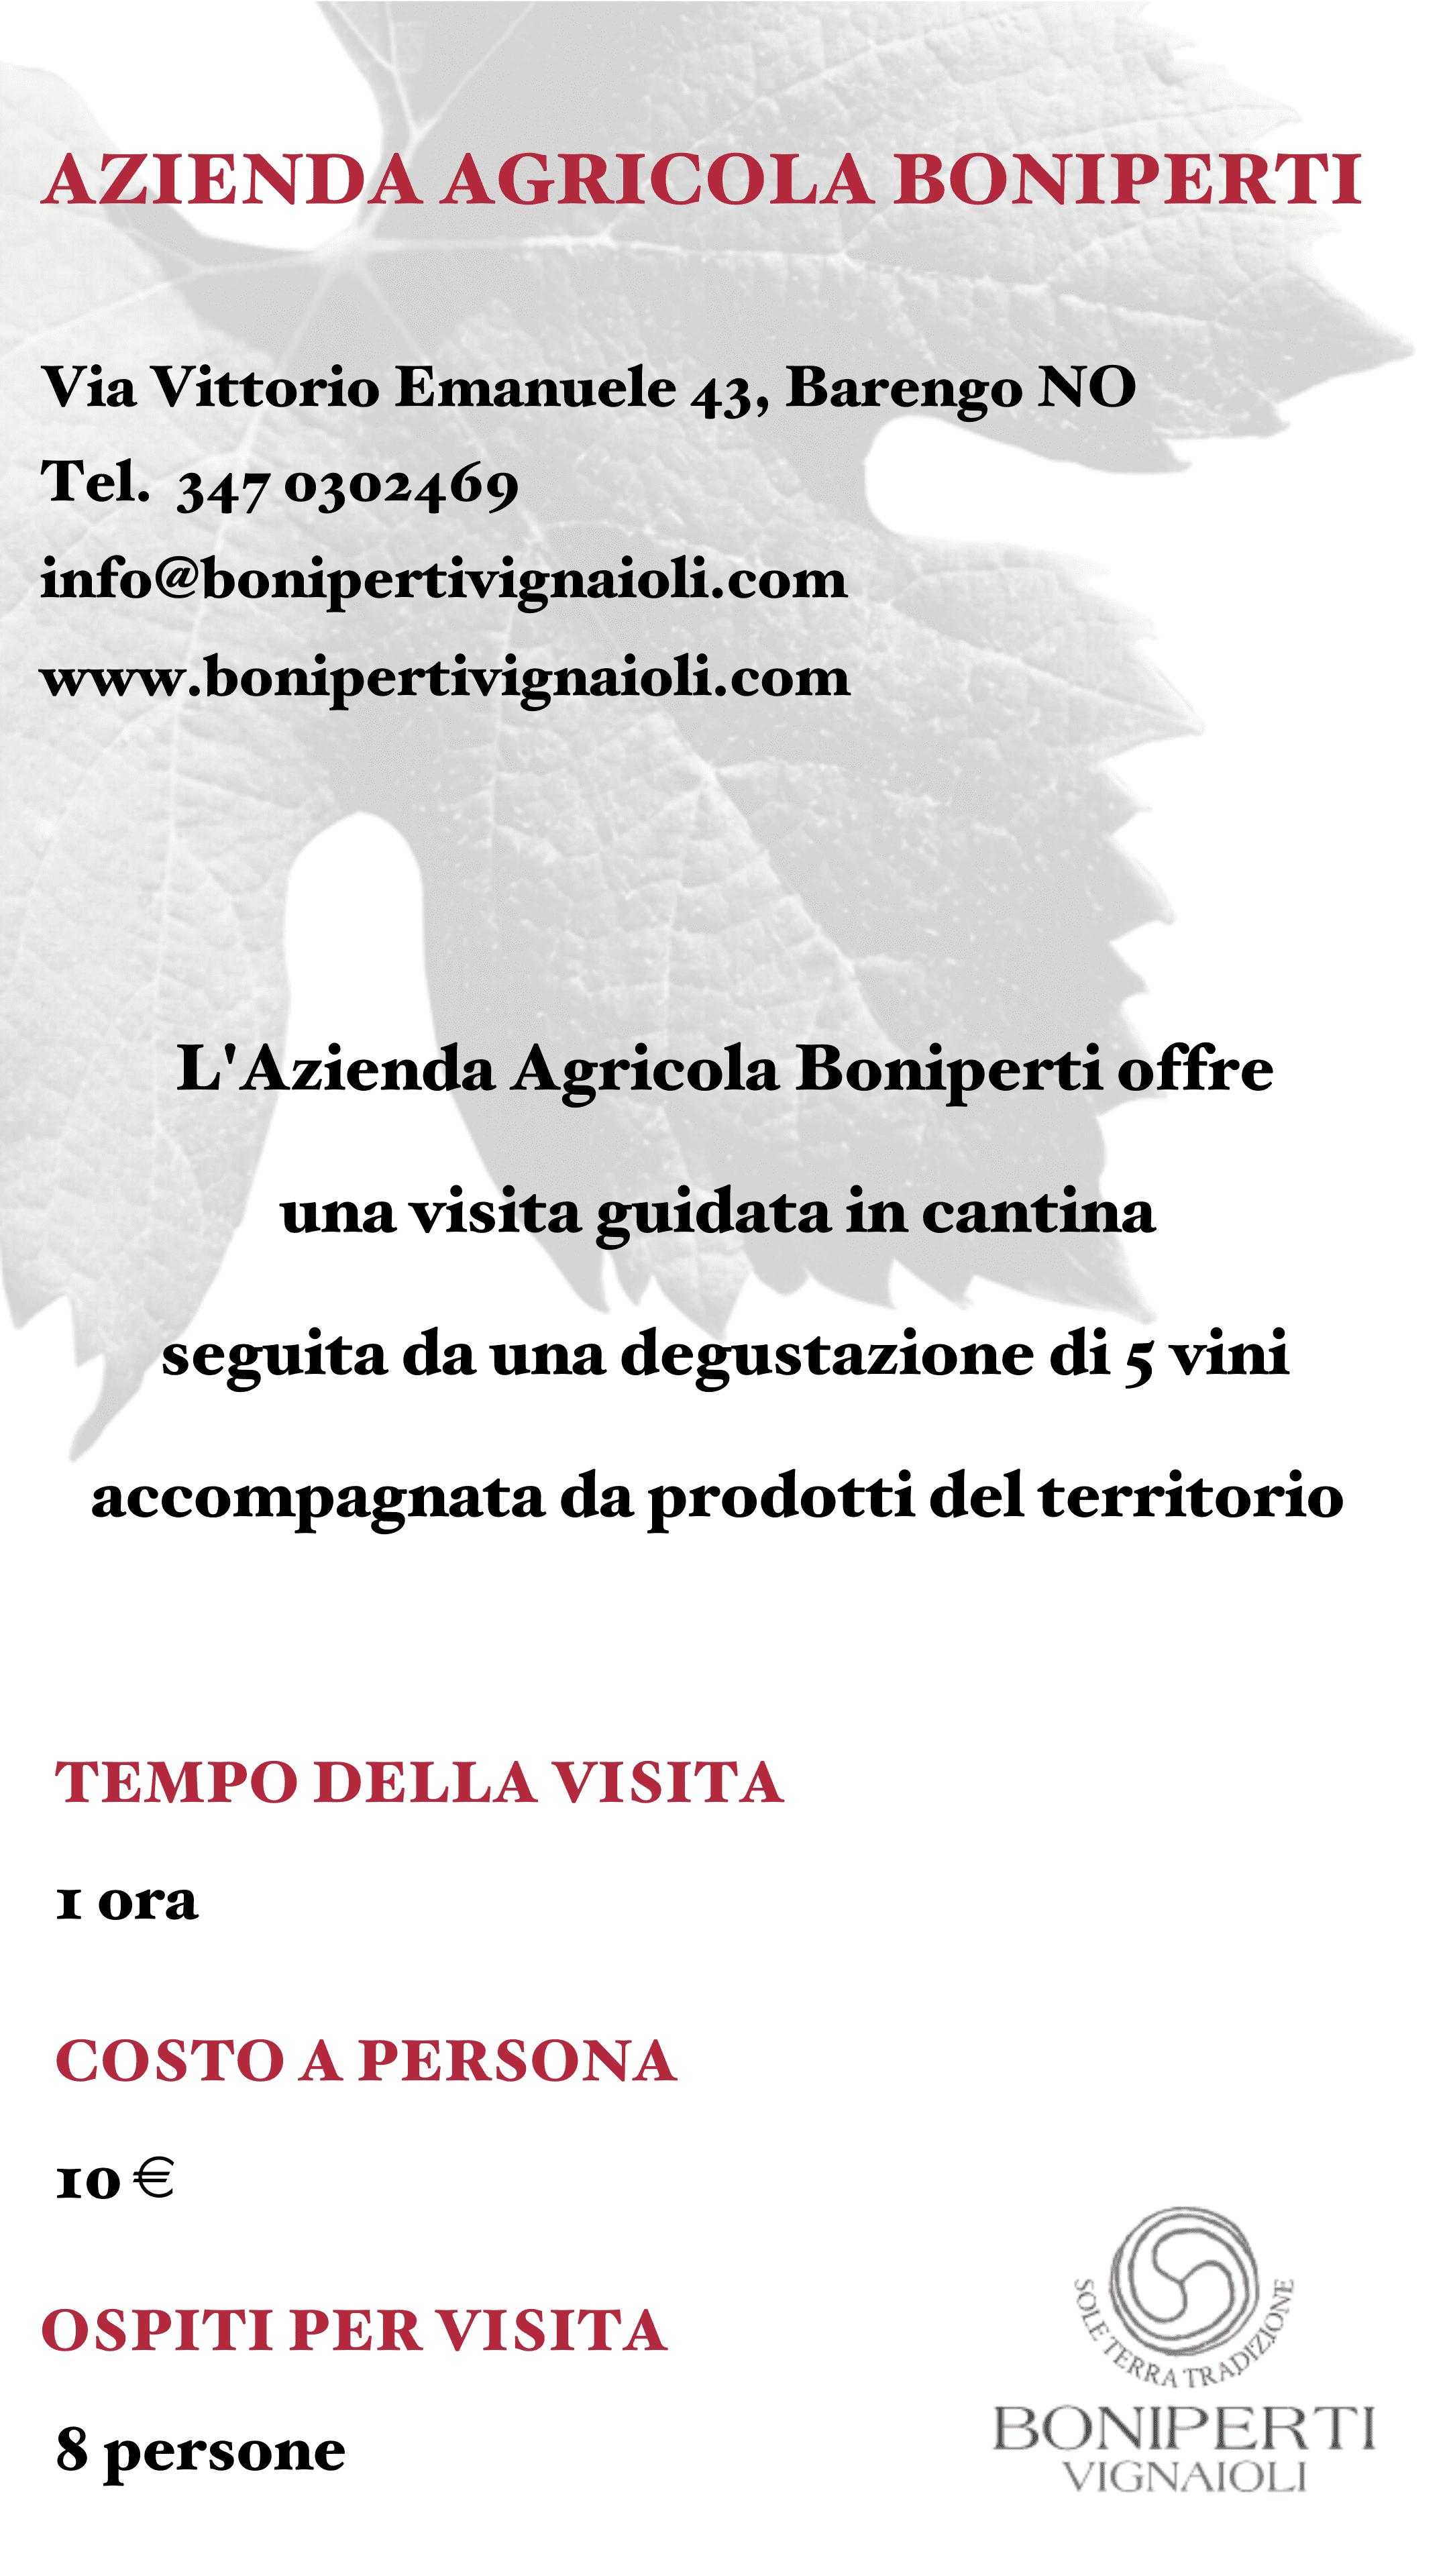 Boniperti azienda agricola